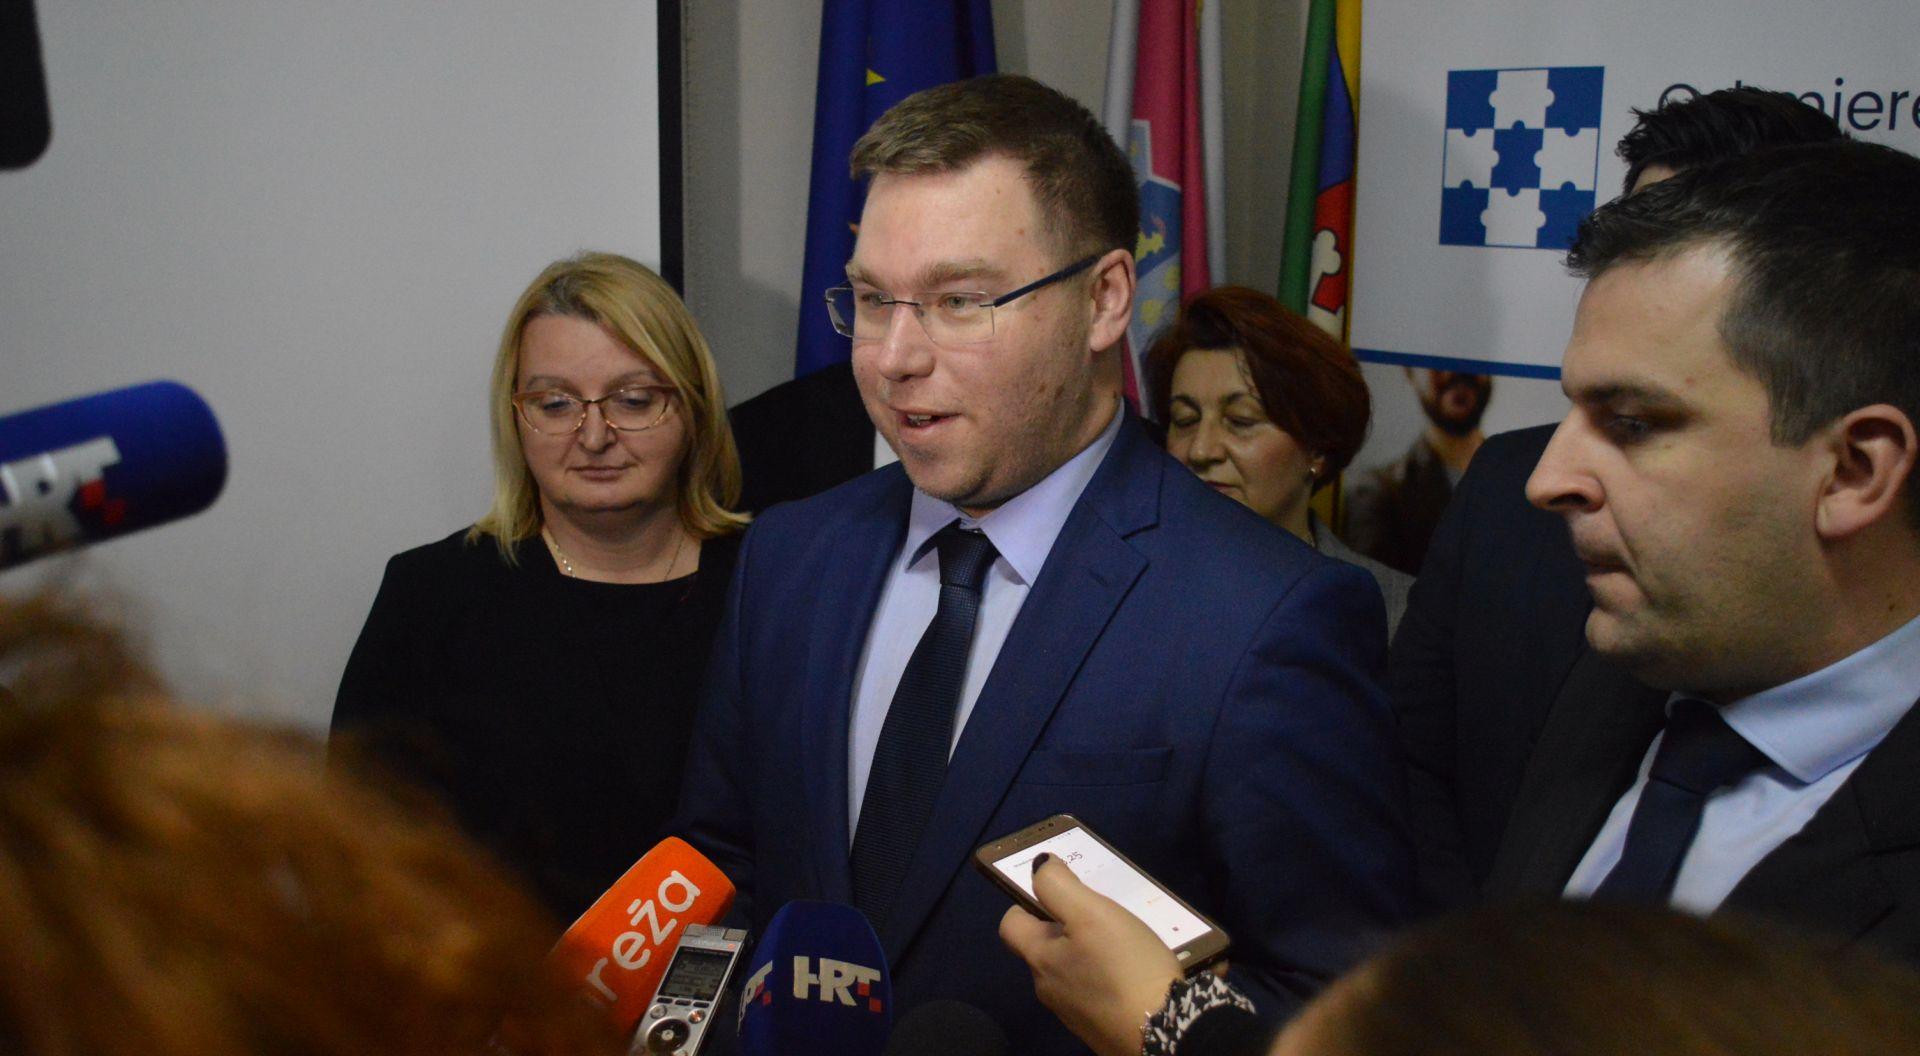 Ministar rada građanima čestitao Međunarodni praznik rada